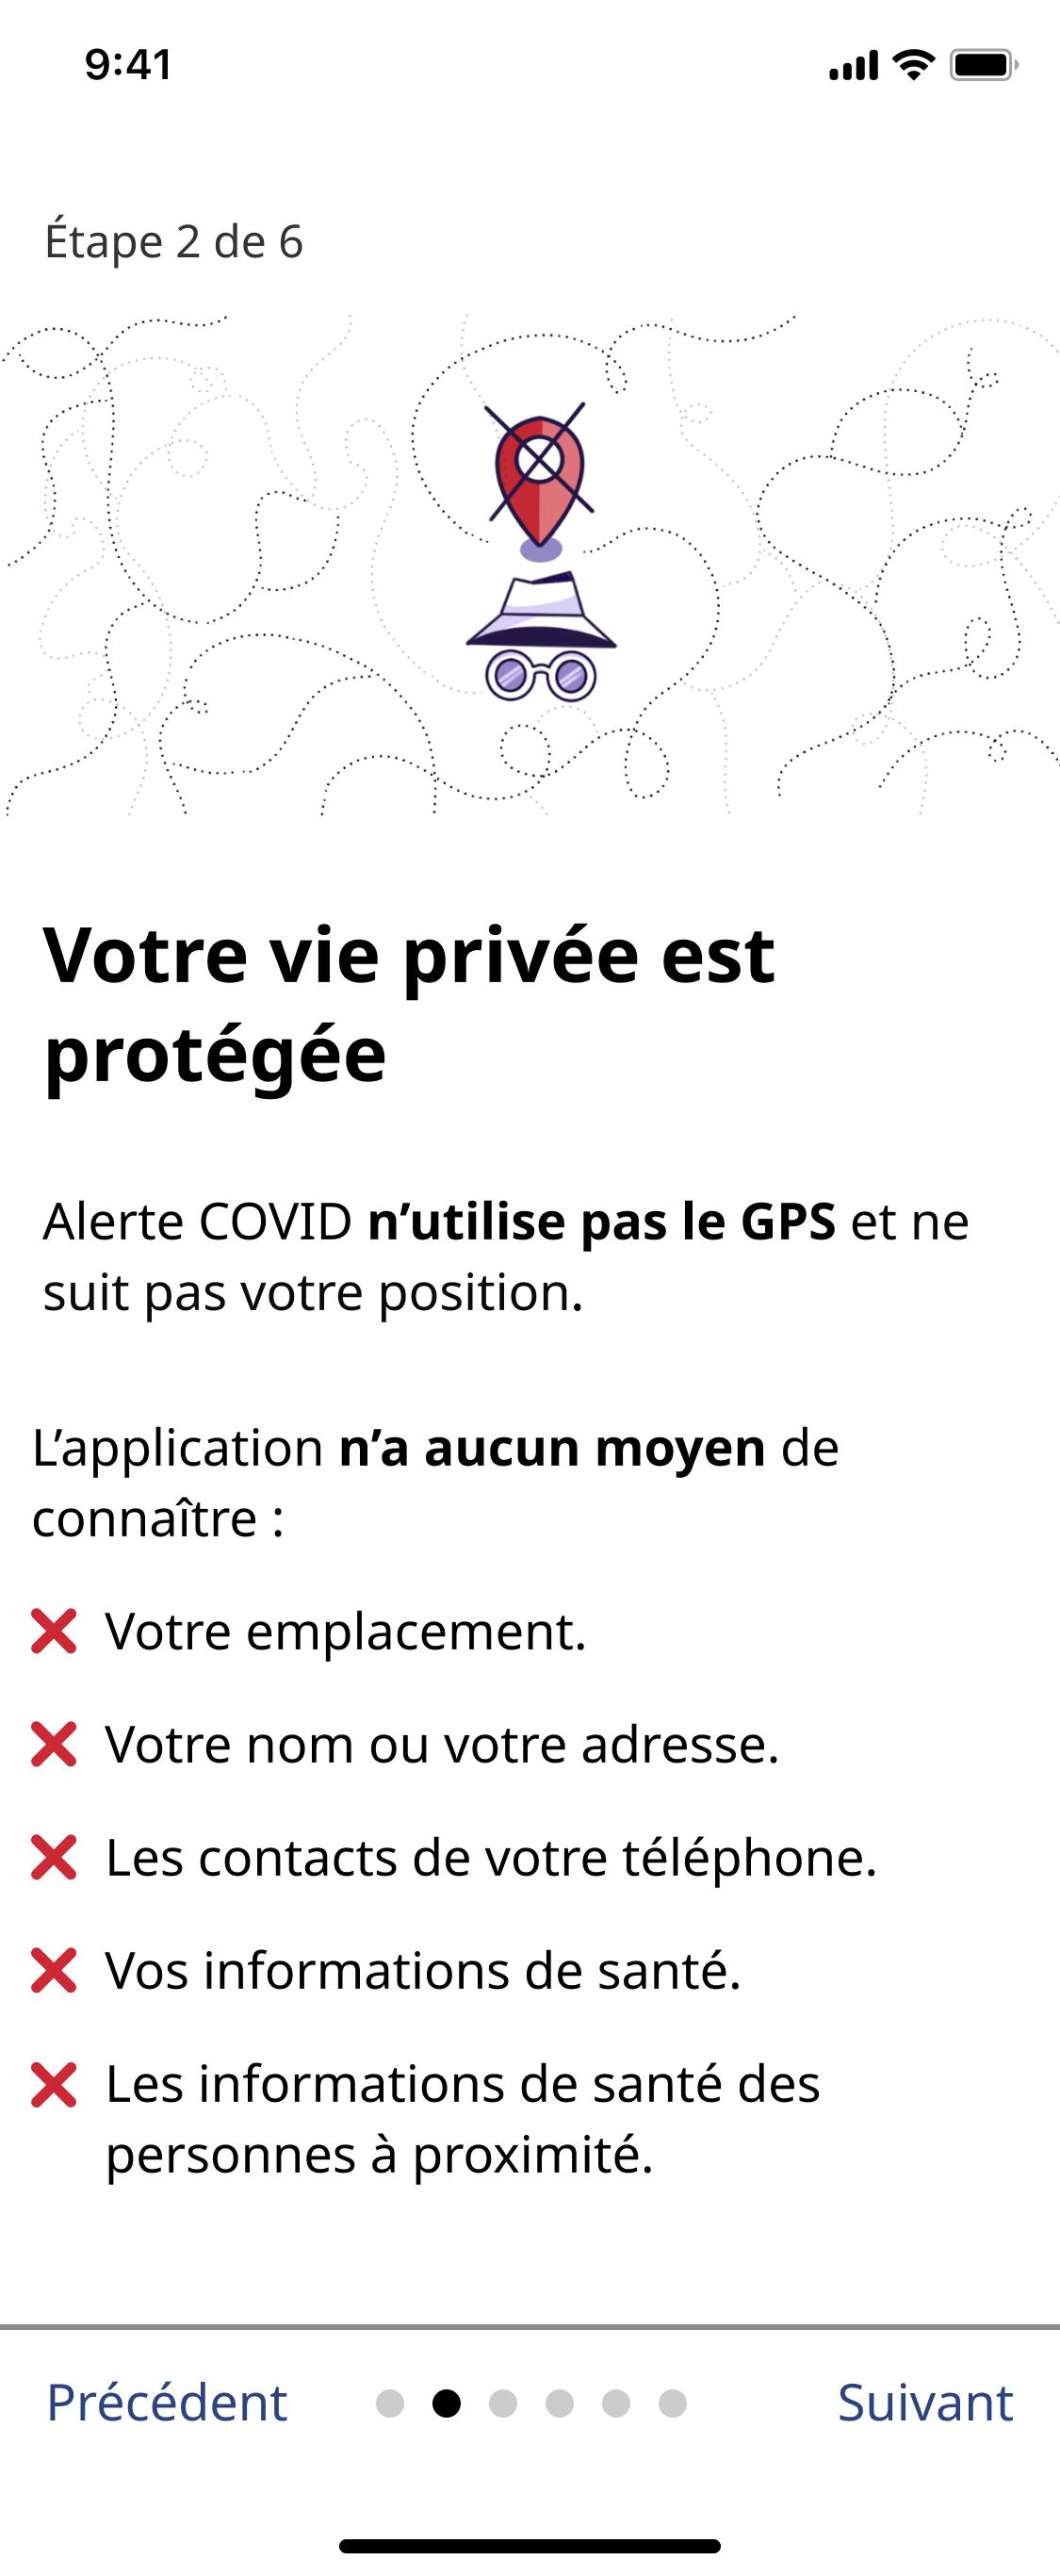 Capture de l'écran d'introduction d'Alerte COVID, disant : Votre vie privée est protégée. Alerte COVID n'utilise pas le GPS et ne suit pas votre emplacement. L'application n'a aucun moyen de connaître : votre emplacement, votre nom ou votre adresse, les contacts de votre téléphone, vos informations de santé, et les informations de santé des personnes à proximité.